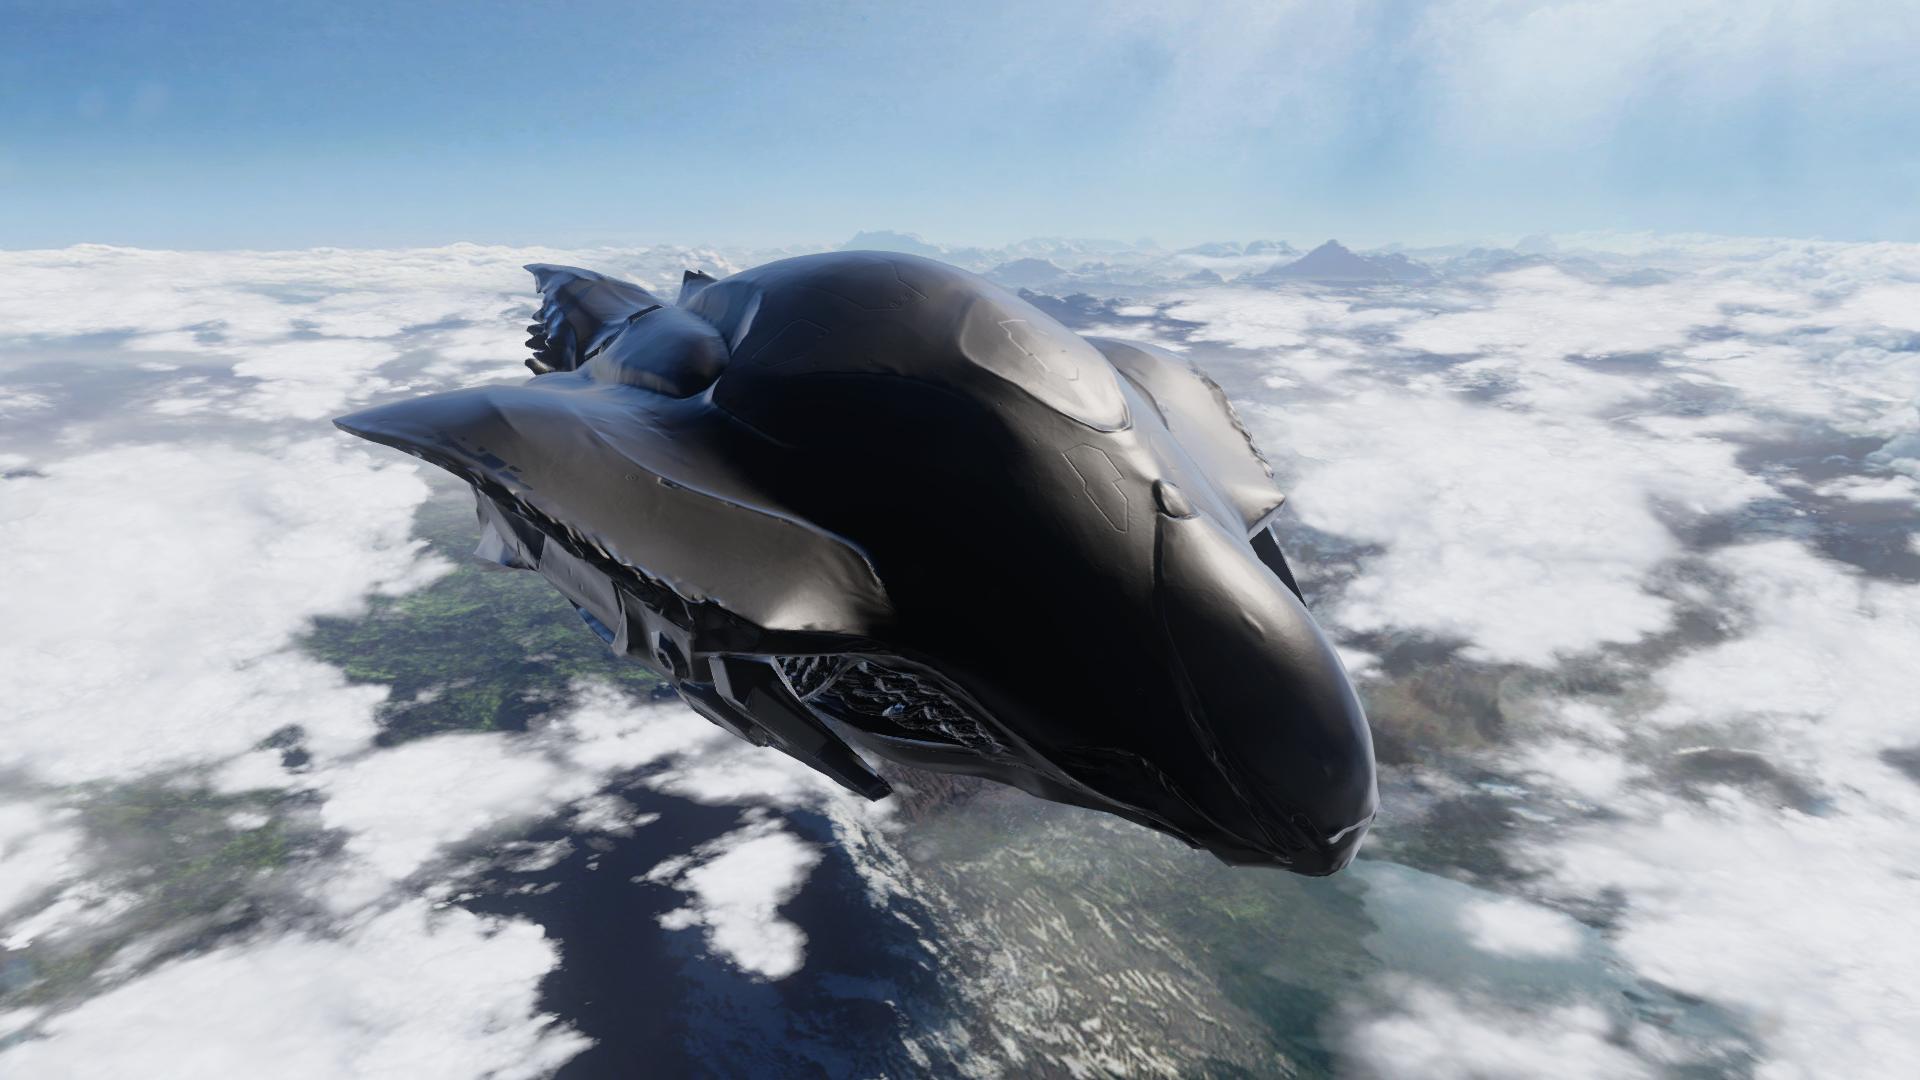 Qinstar-pattern transport